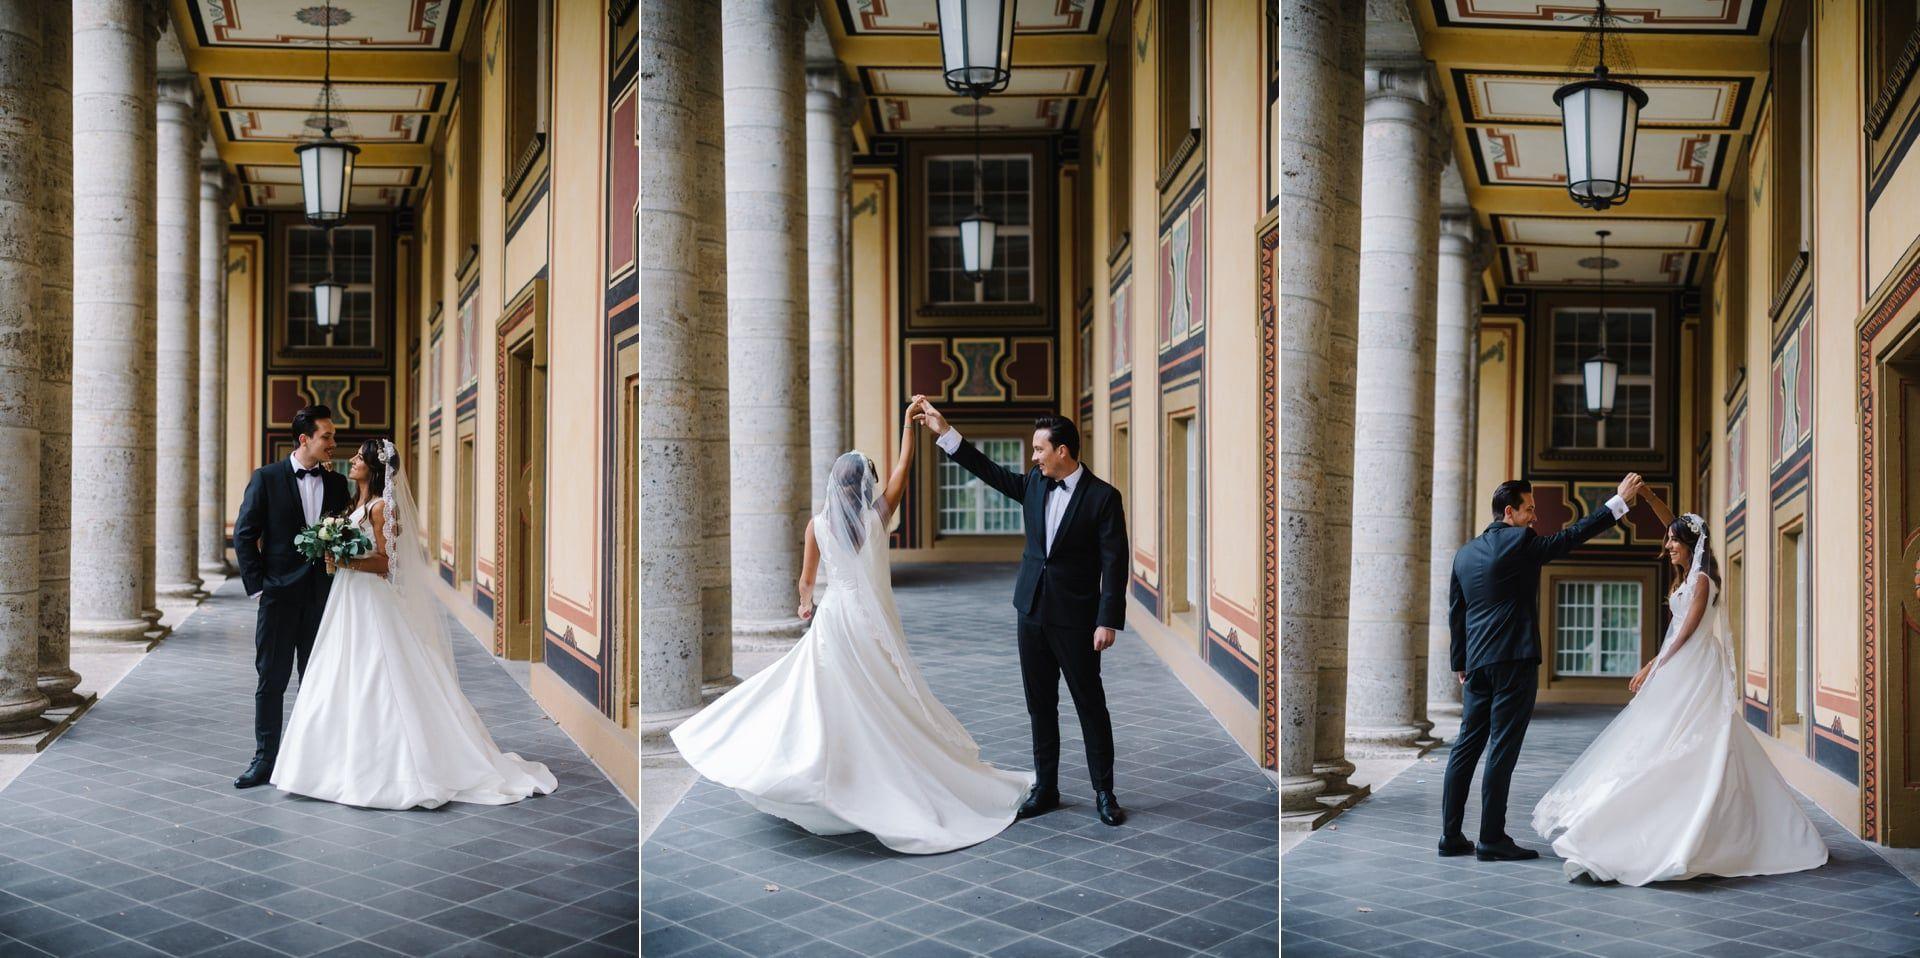 Munchens Beste Fotolocations Fur Hochzeitspaare In 2020 Meerjungfrauenkleid Hochzeit Brautpaar Hochzeit